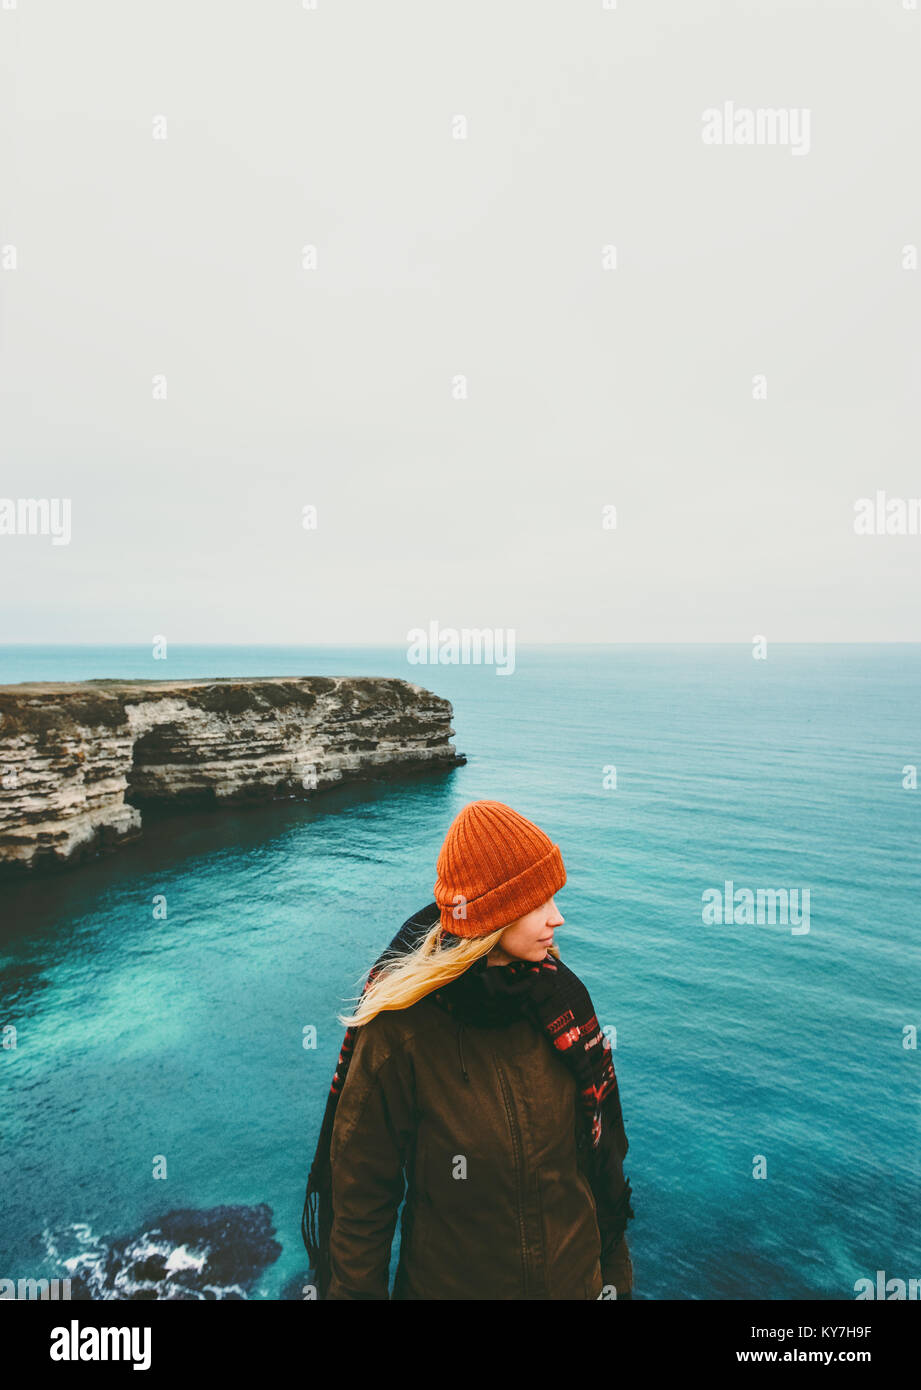 Frau gehen mit kalten Meerblick alleine Reisen Lifestyle Konzept Abenteuer Ferien im Freien Stockbild